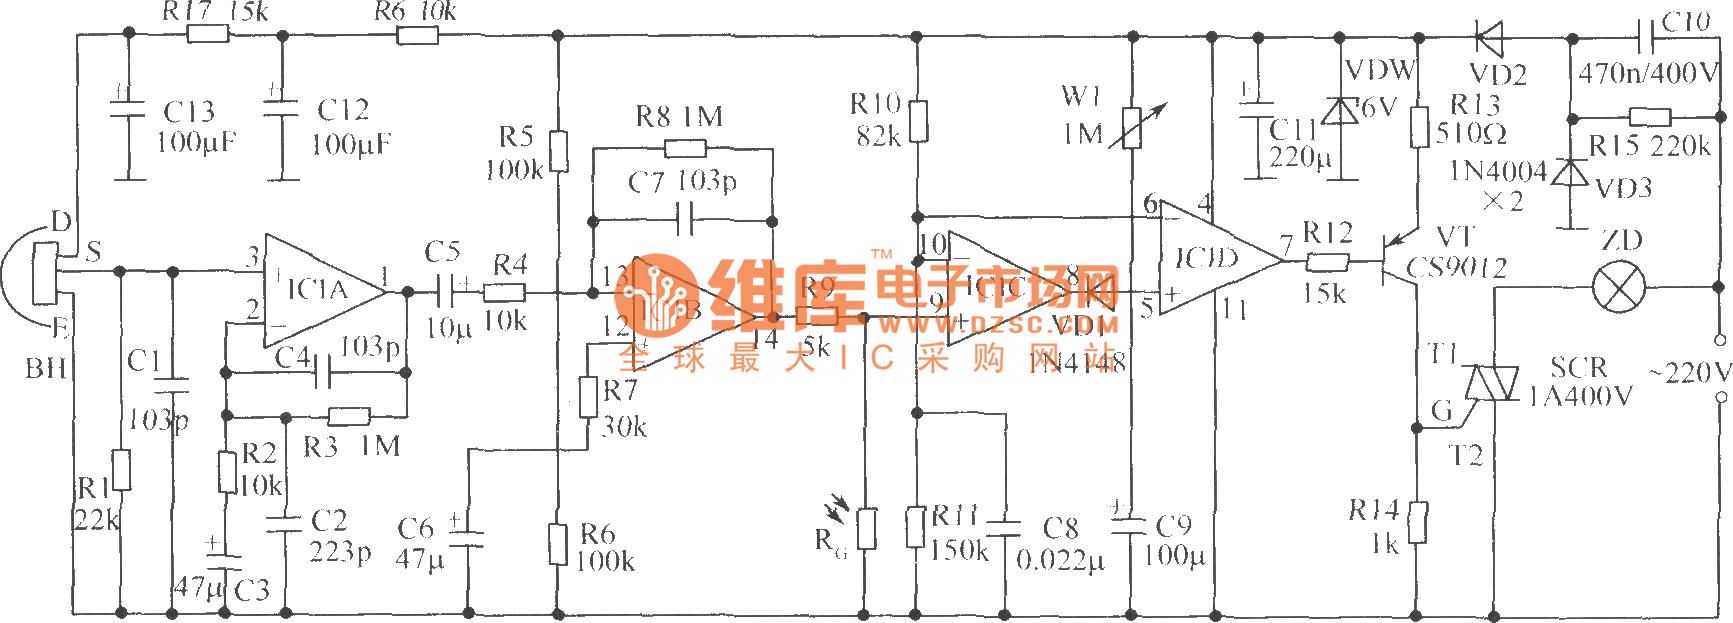 【图】水塔水位控制器电路光电耦合器